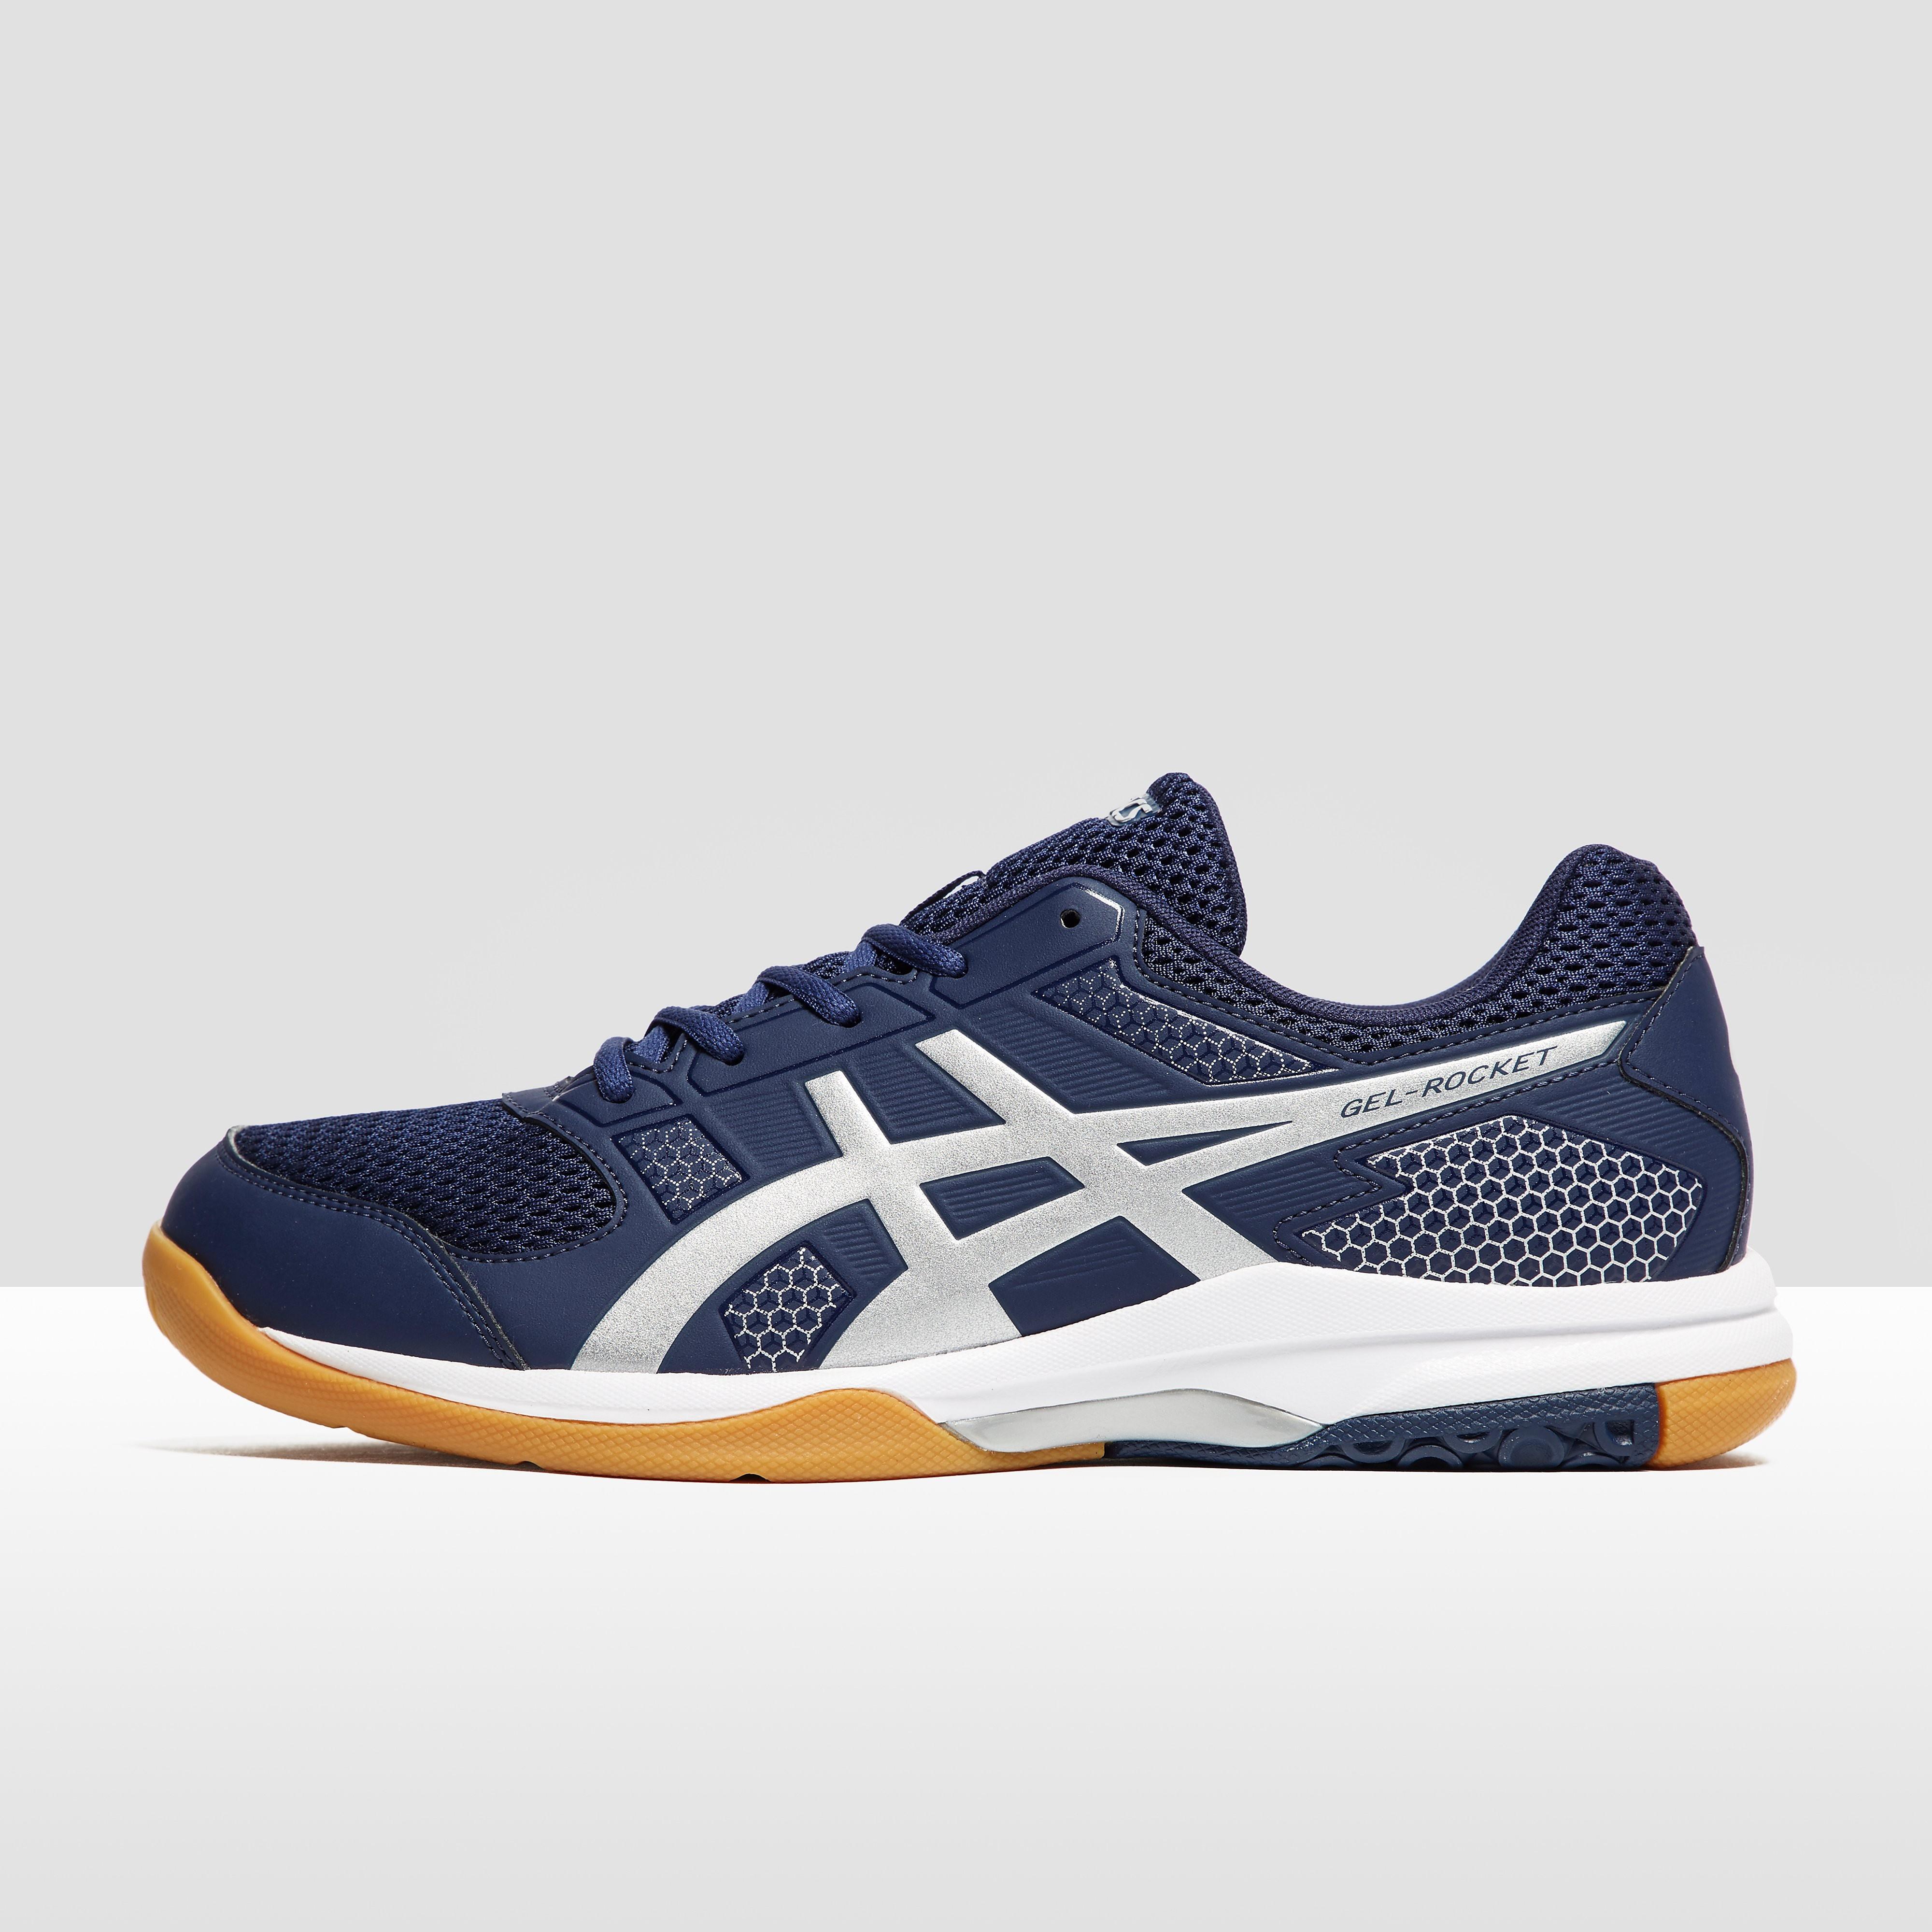 ASICS GEL-Rocket 8 Men's Indoor Shoes